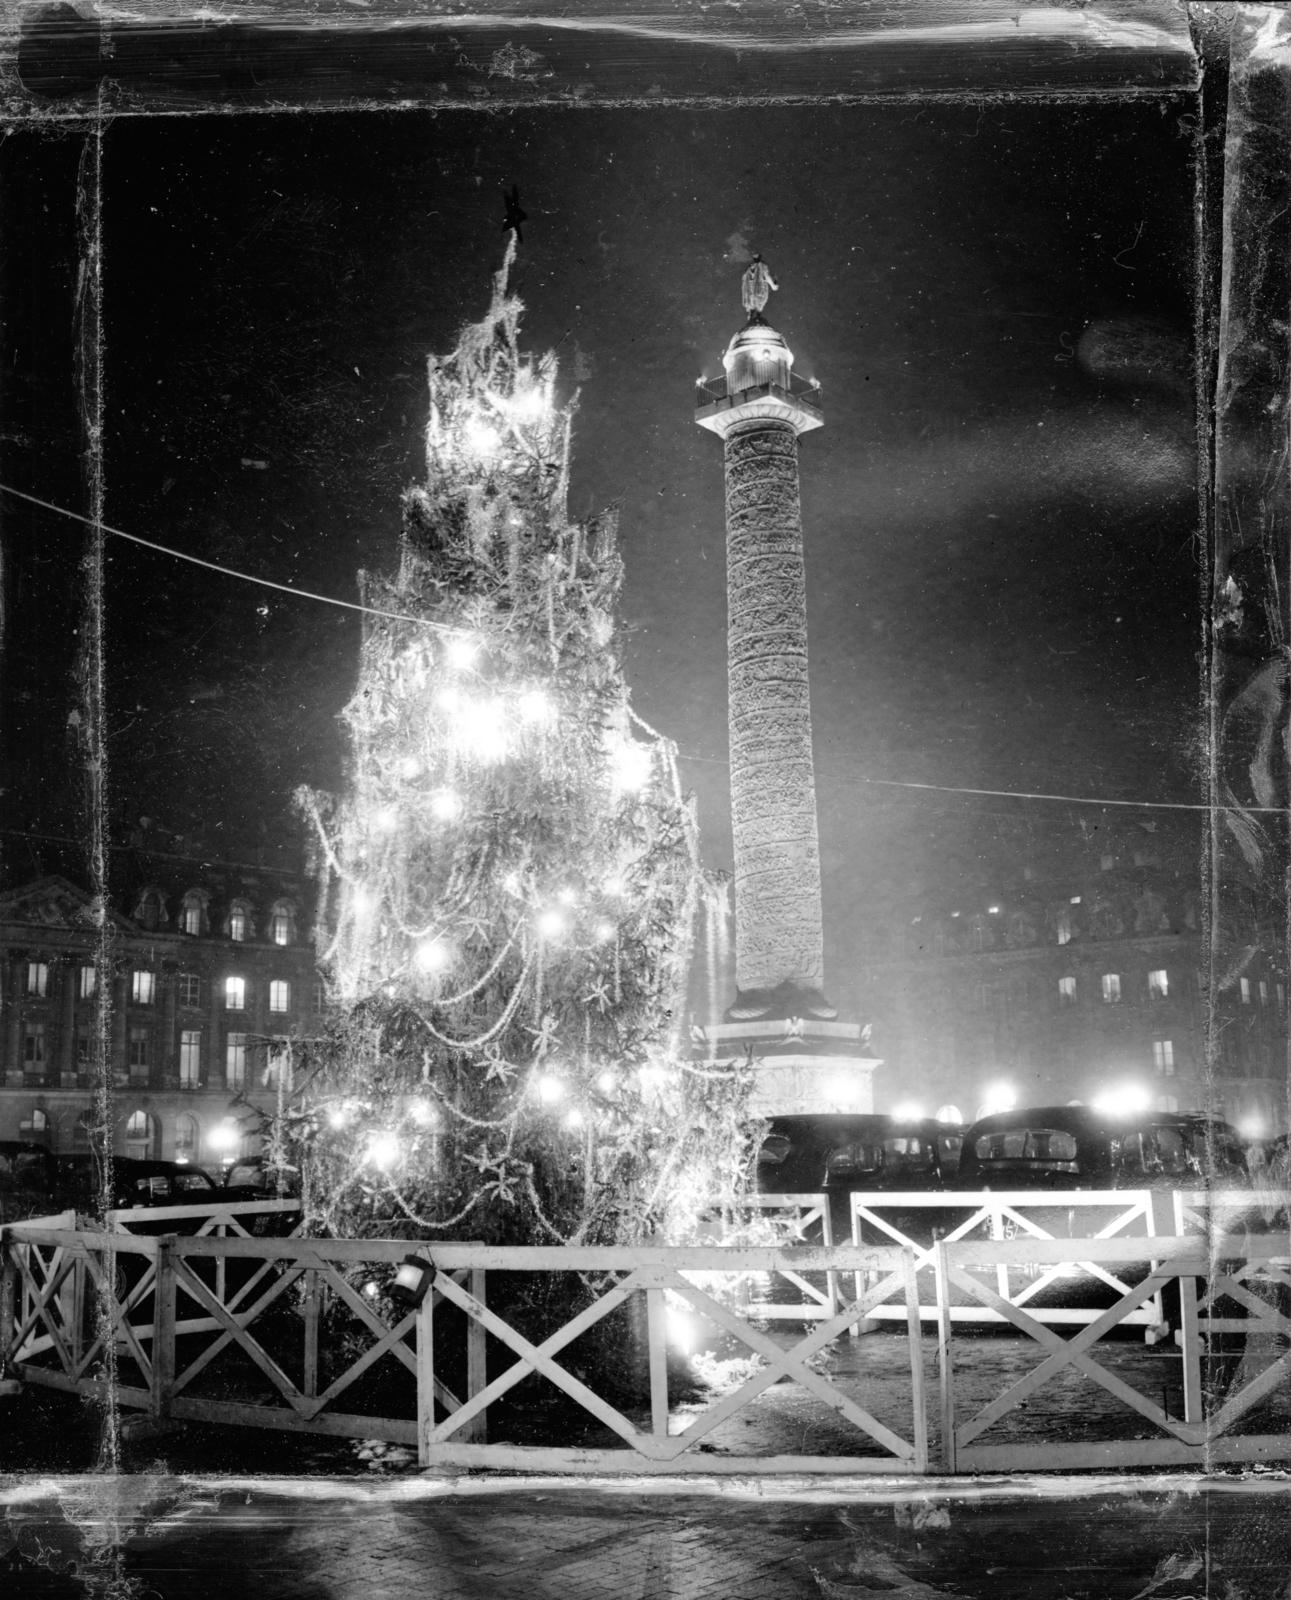 [Christmas Decorations in Paris Place Vendome]